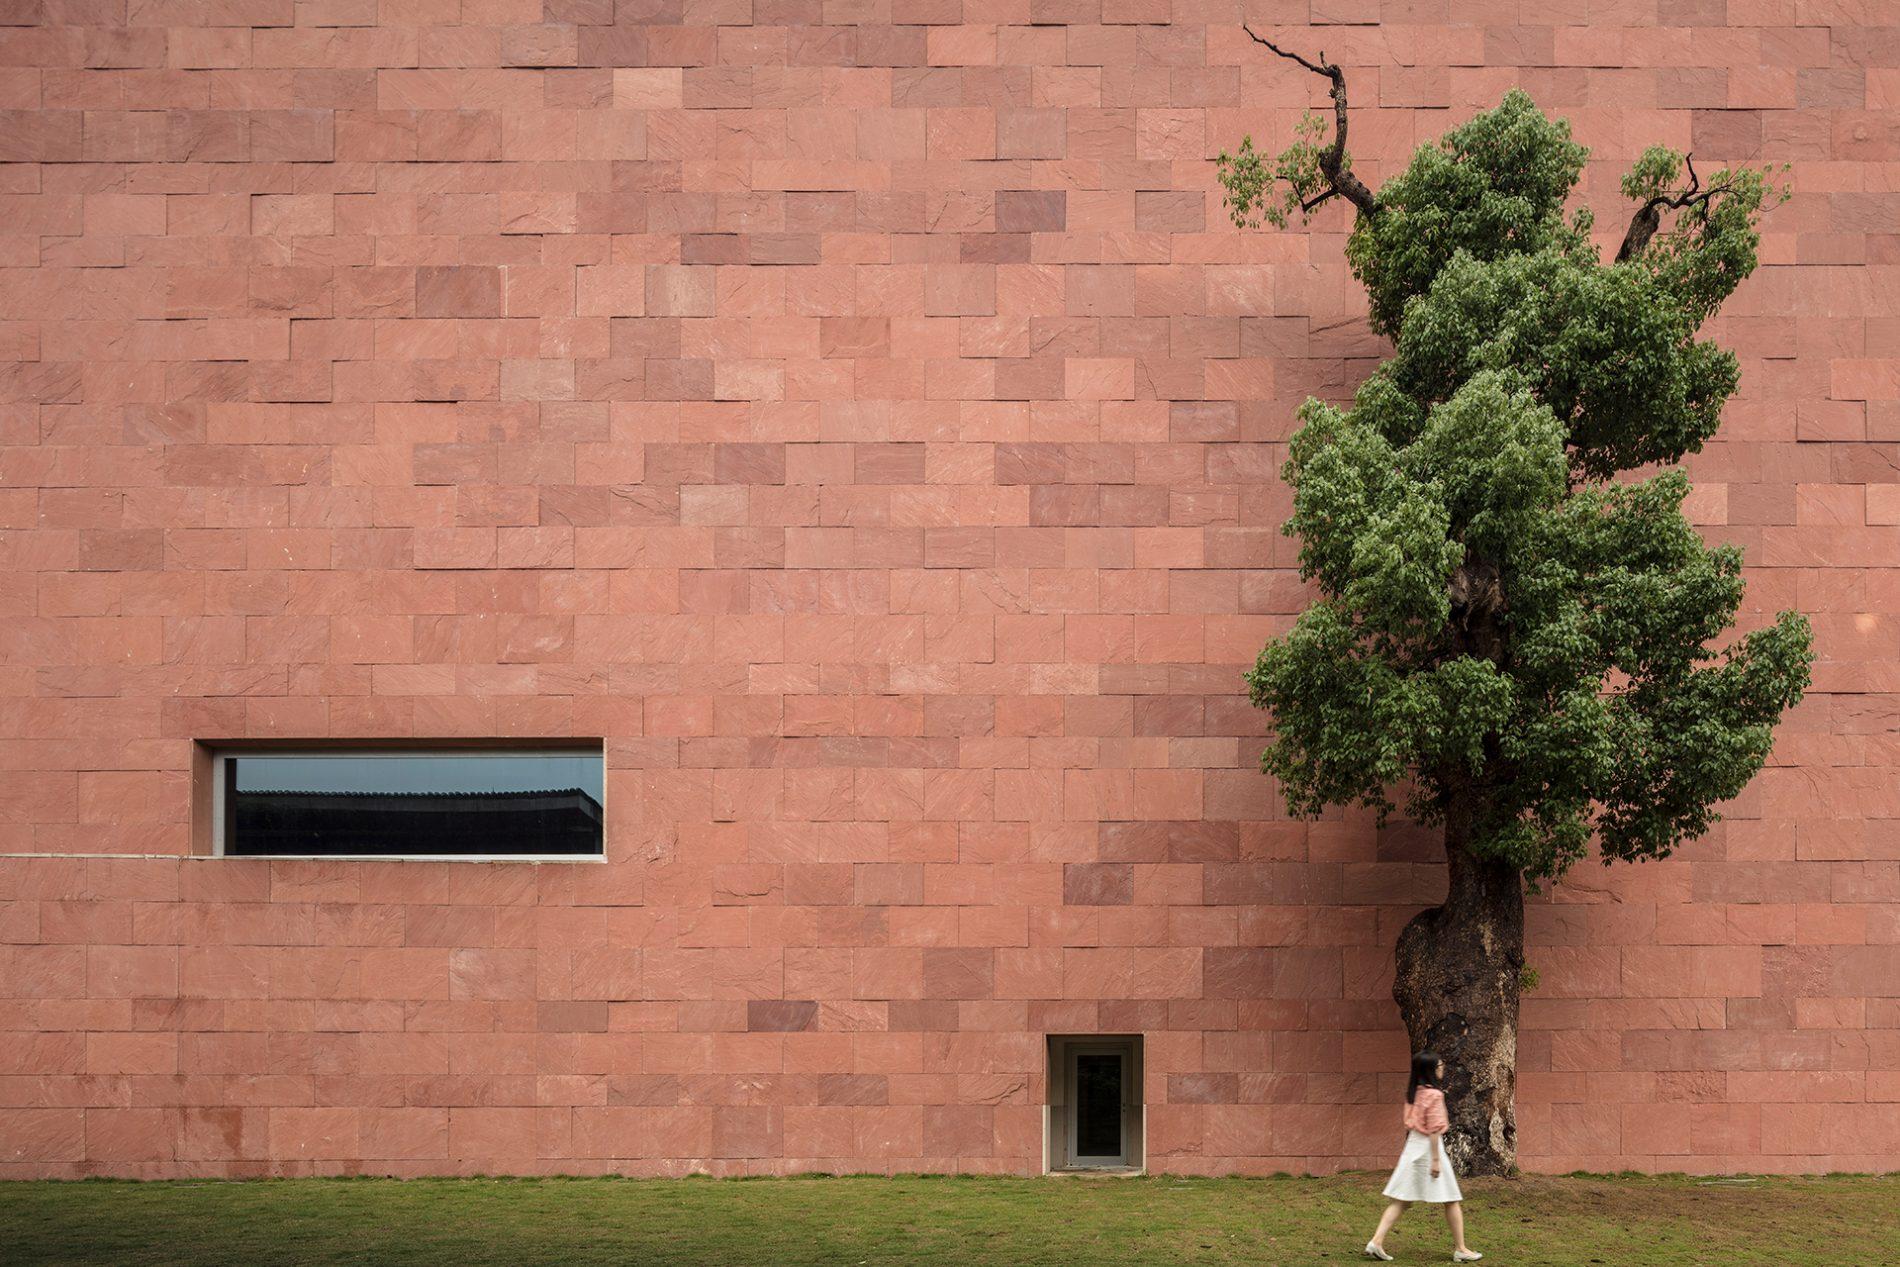 China Design Museum of Bauhaus Collection